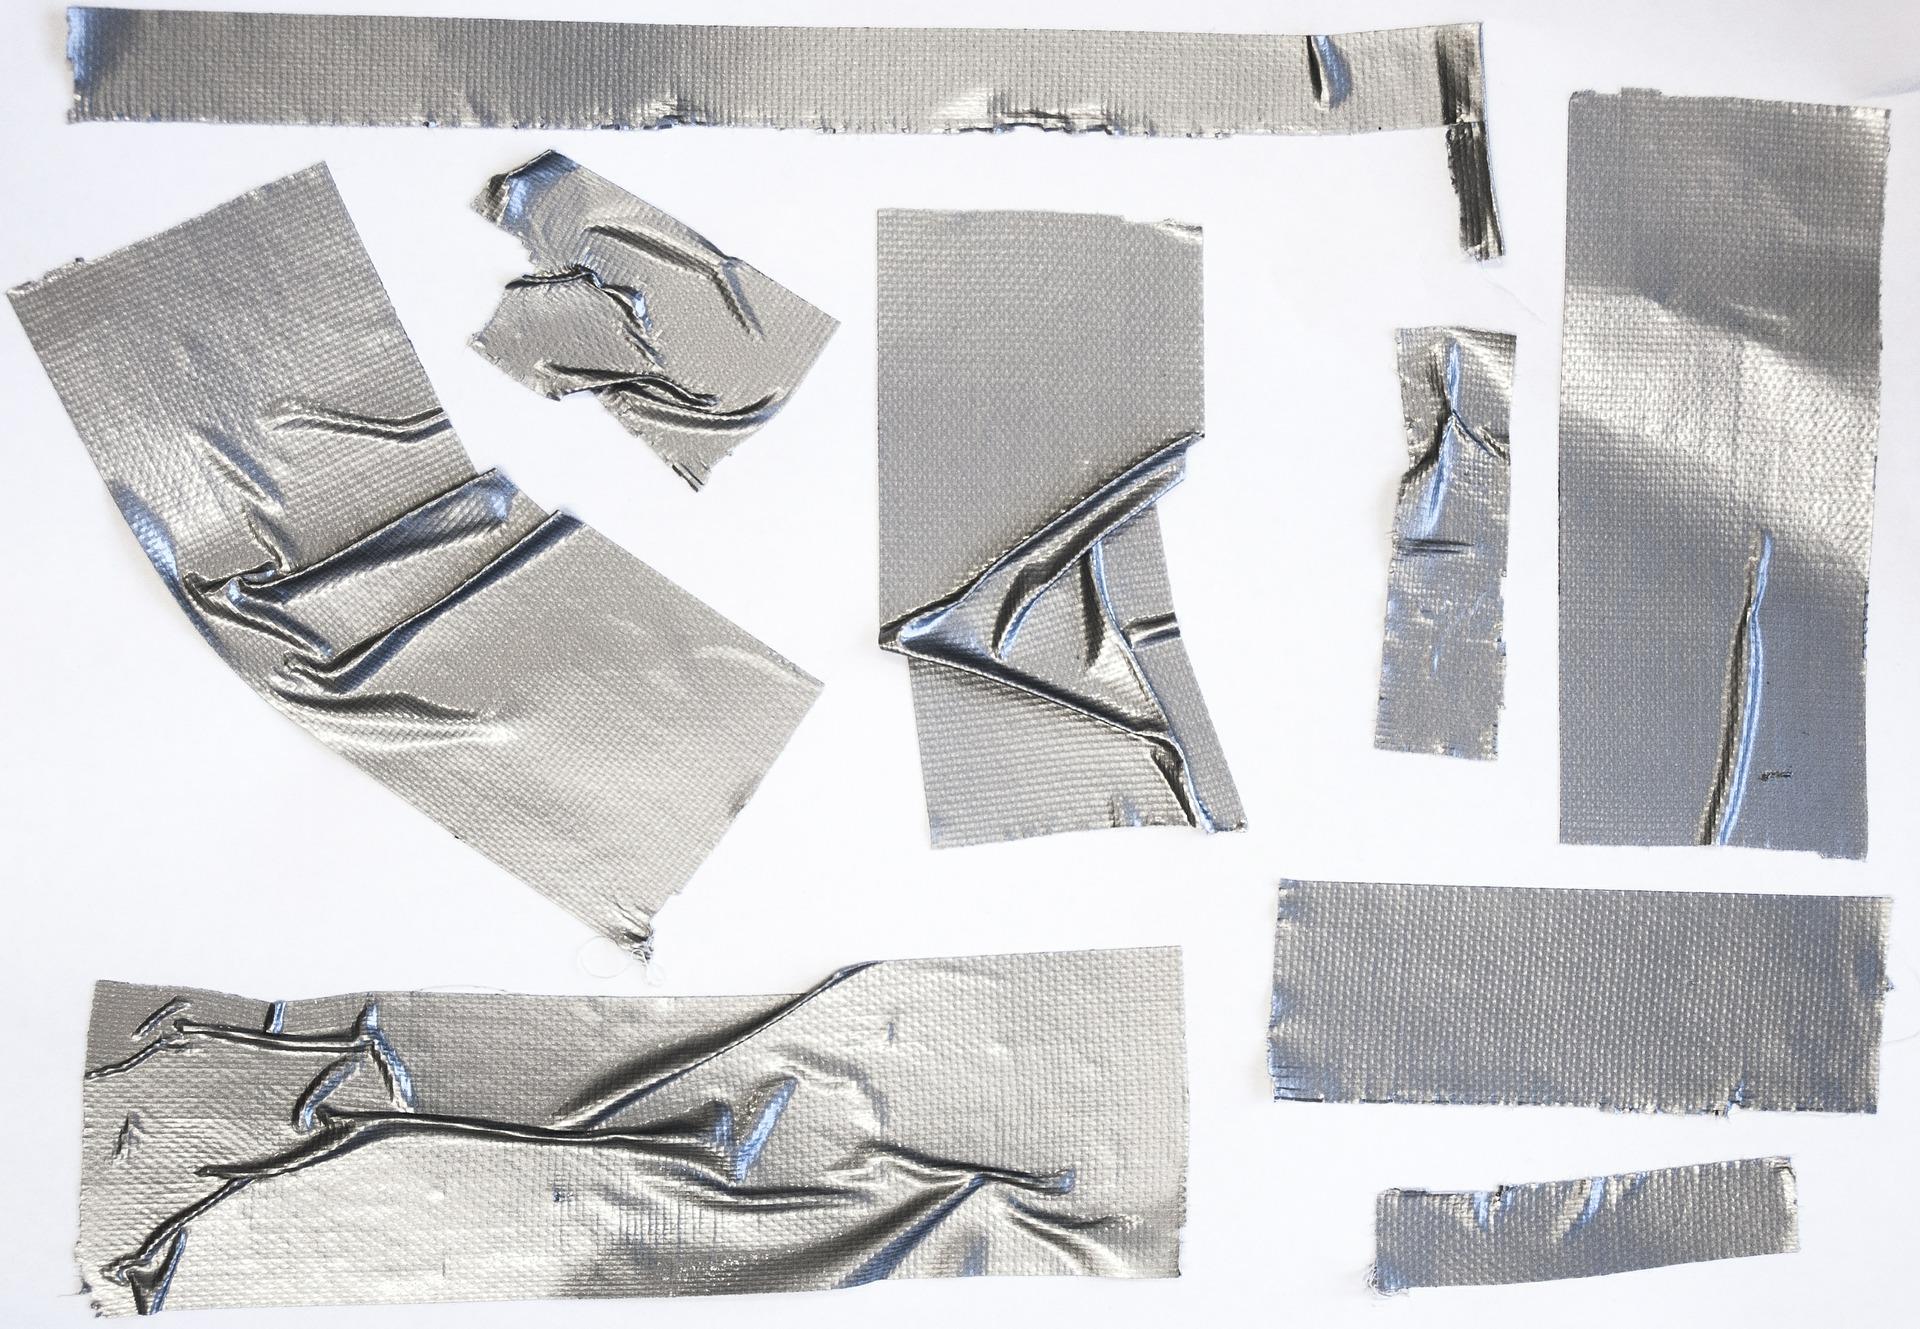 come togliere il nastro adesivo dal vetro